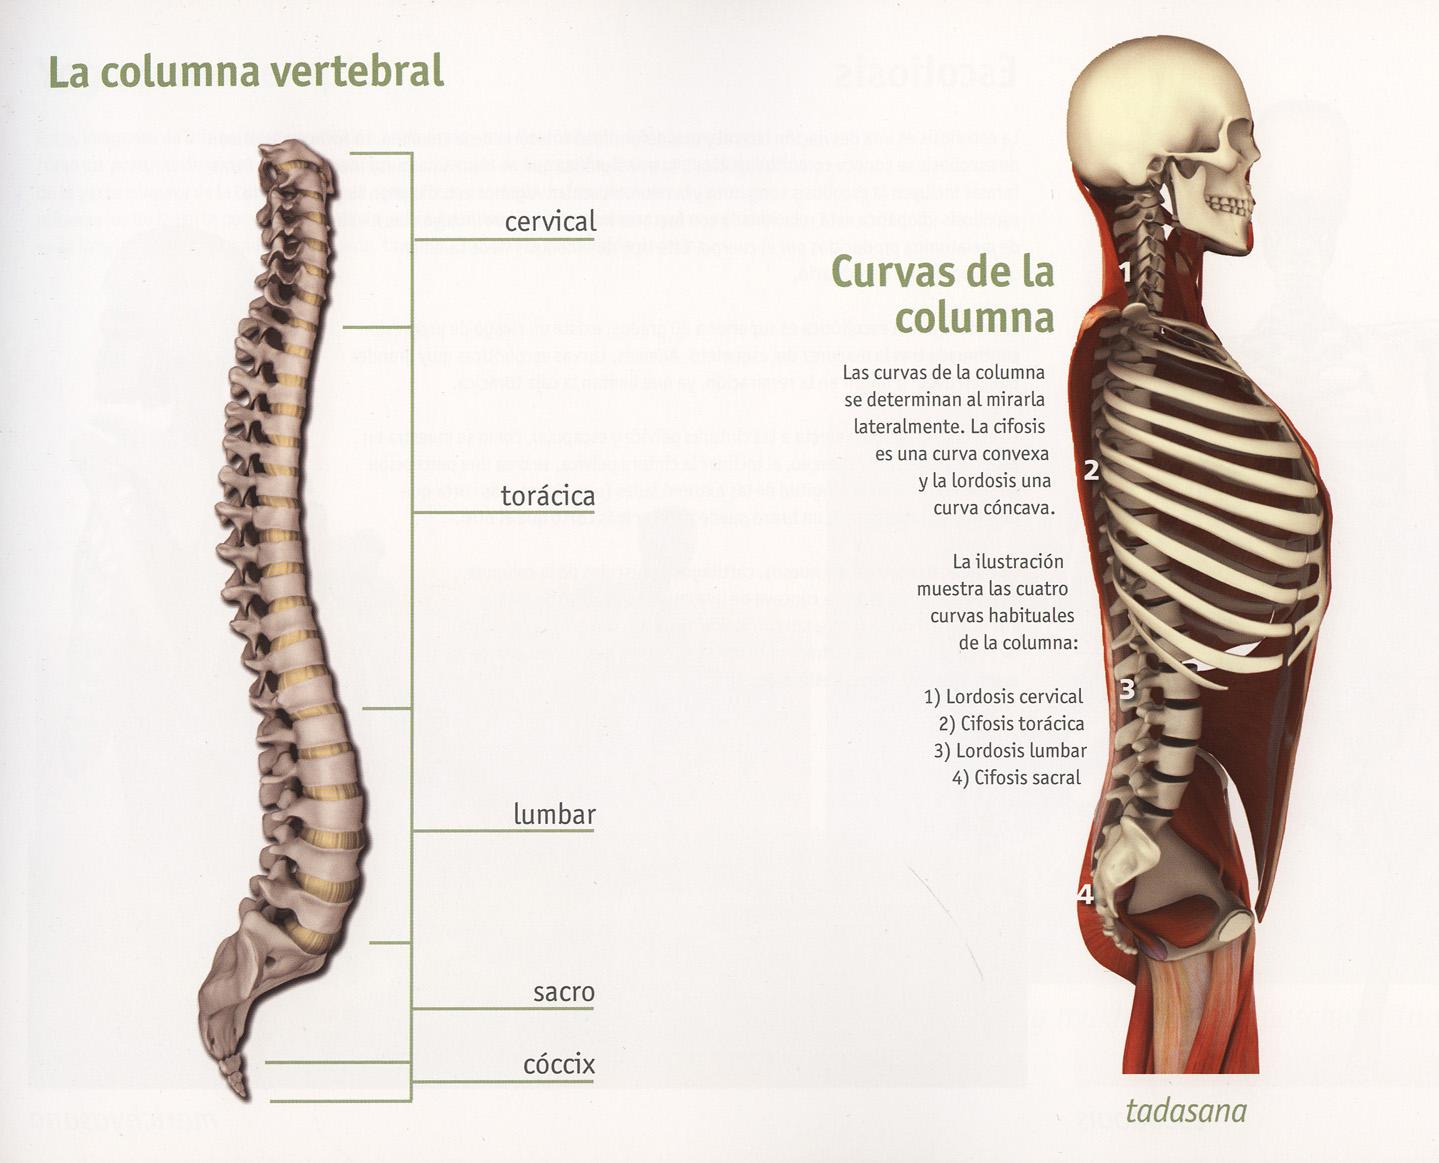 004f_La_columna_vertebral.jpg